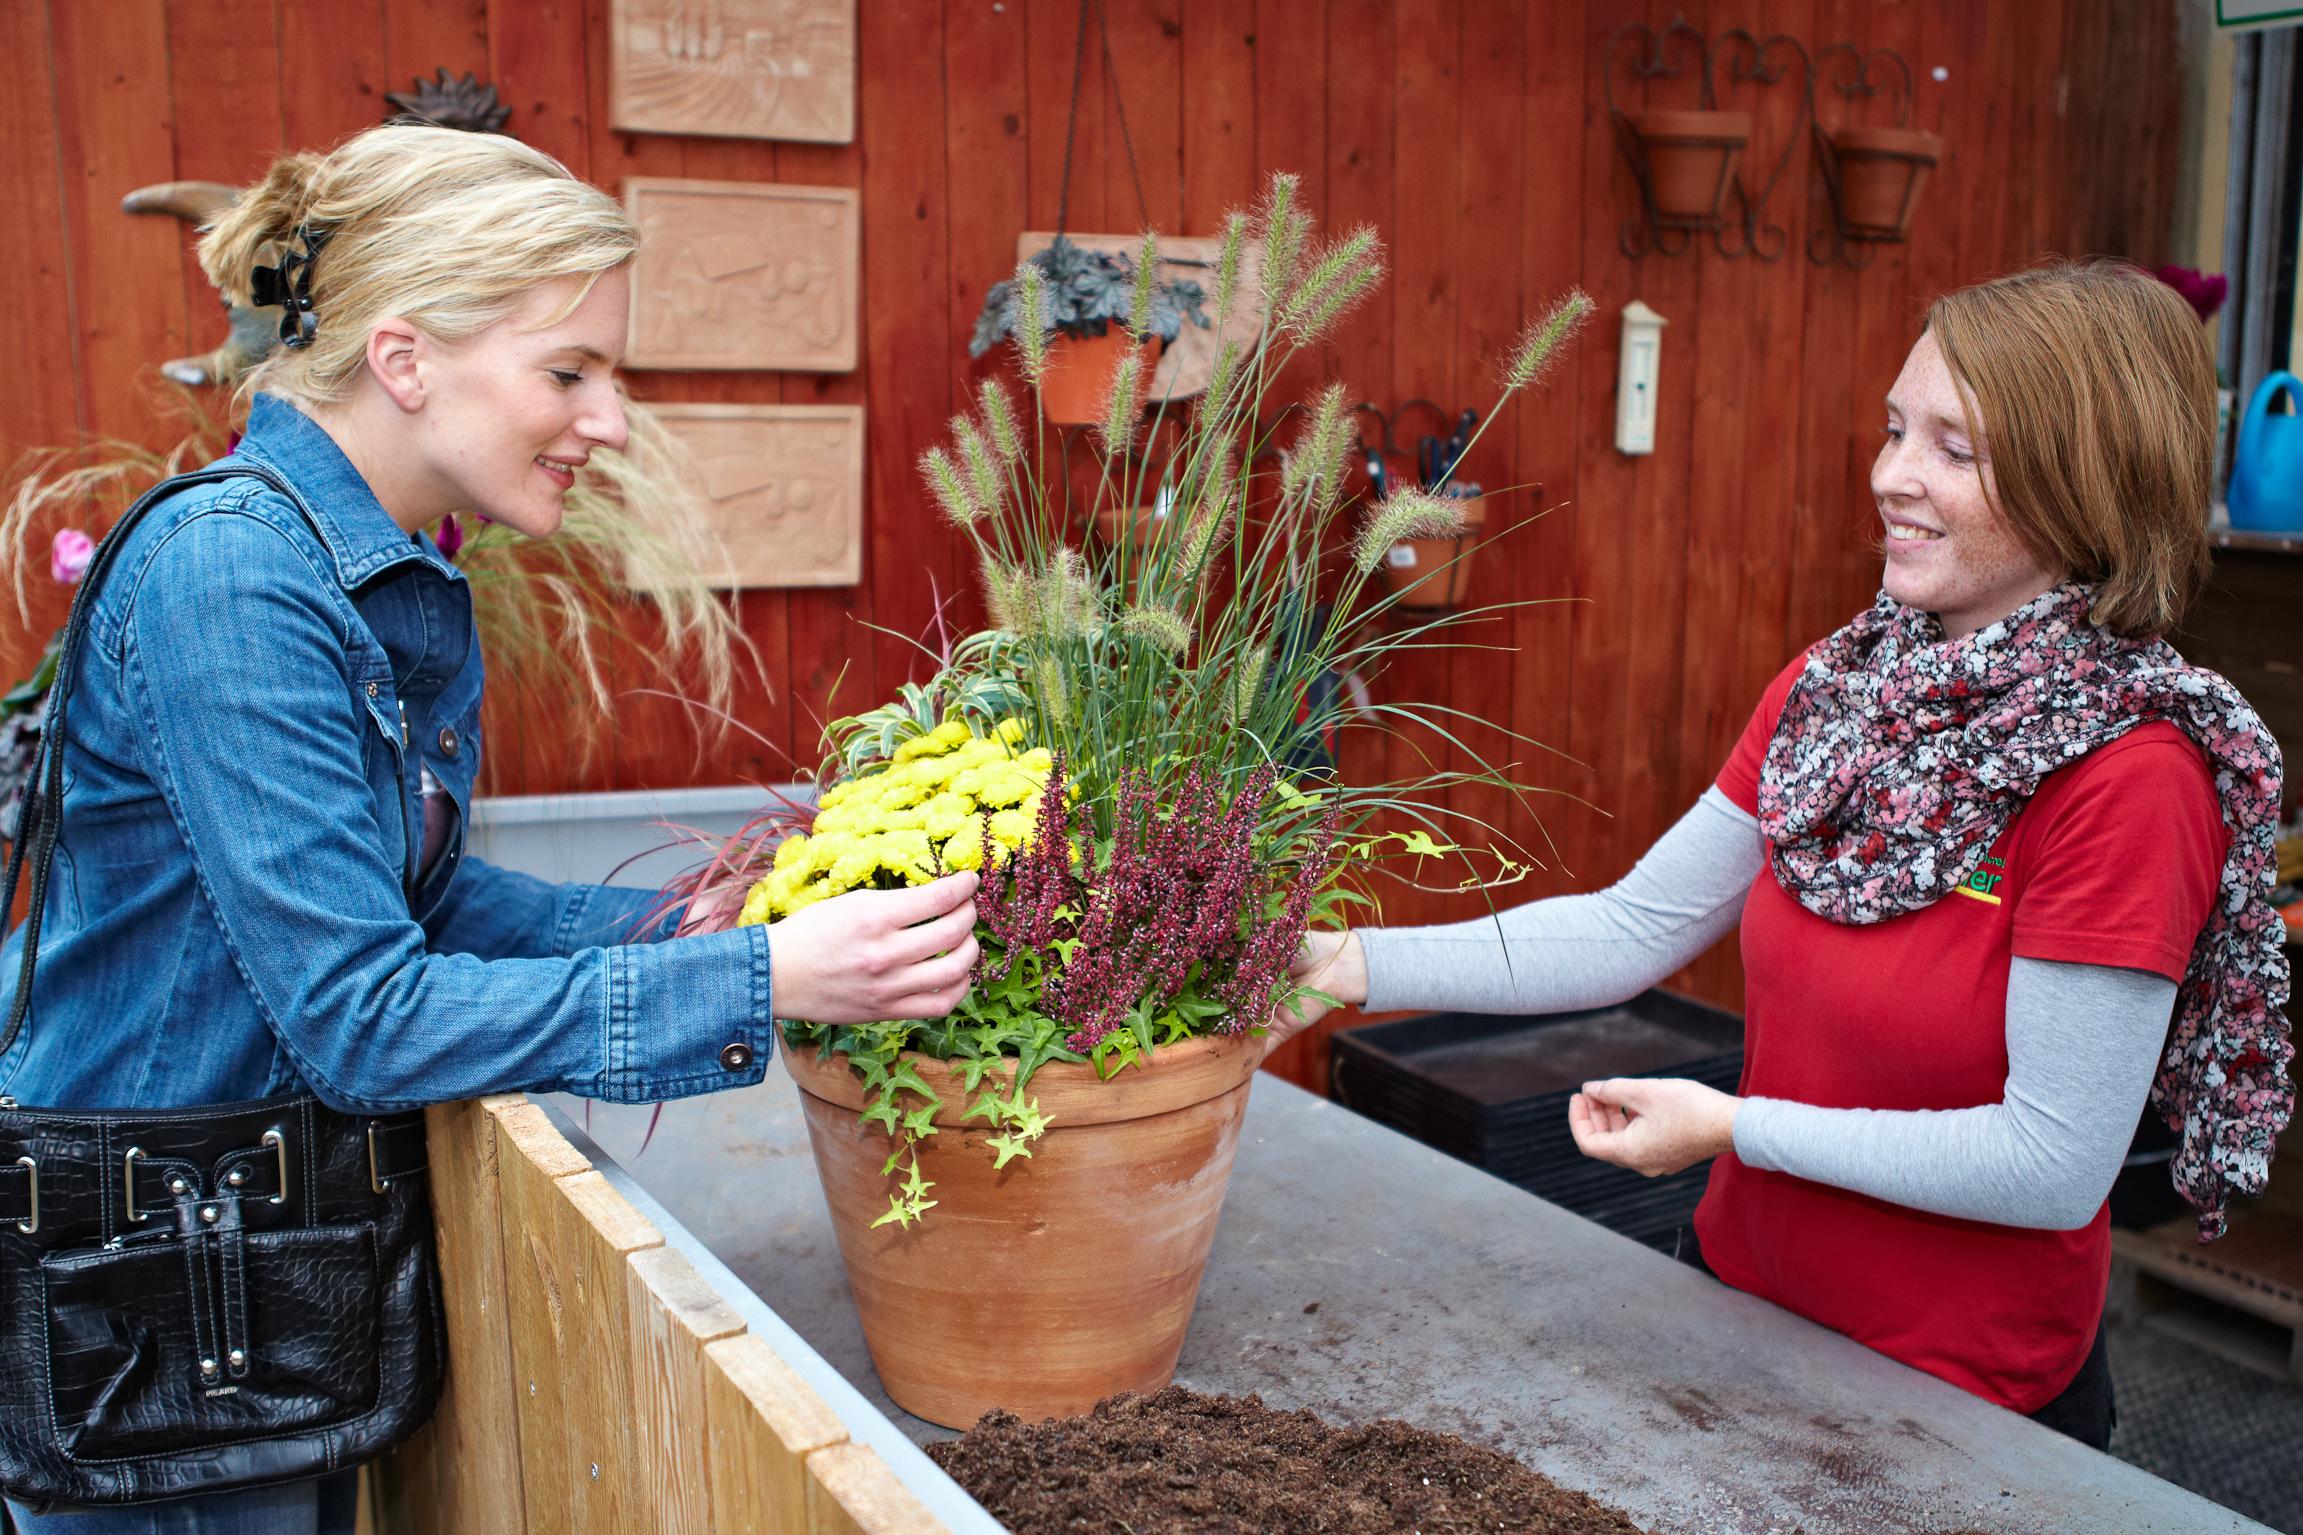 Der Herbst ist die Jahreszeit der Genießer – Gräserzauber und Blütenschmuck im Kübel